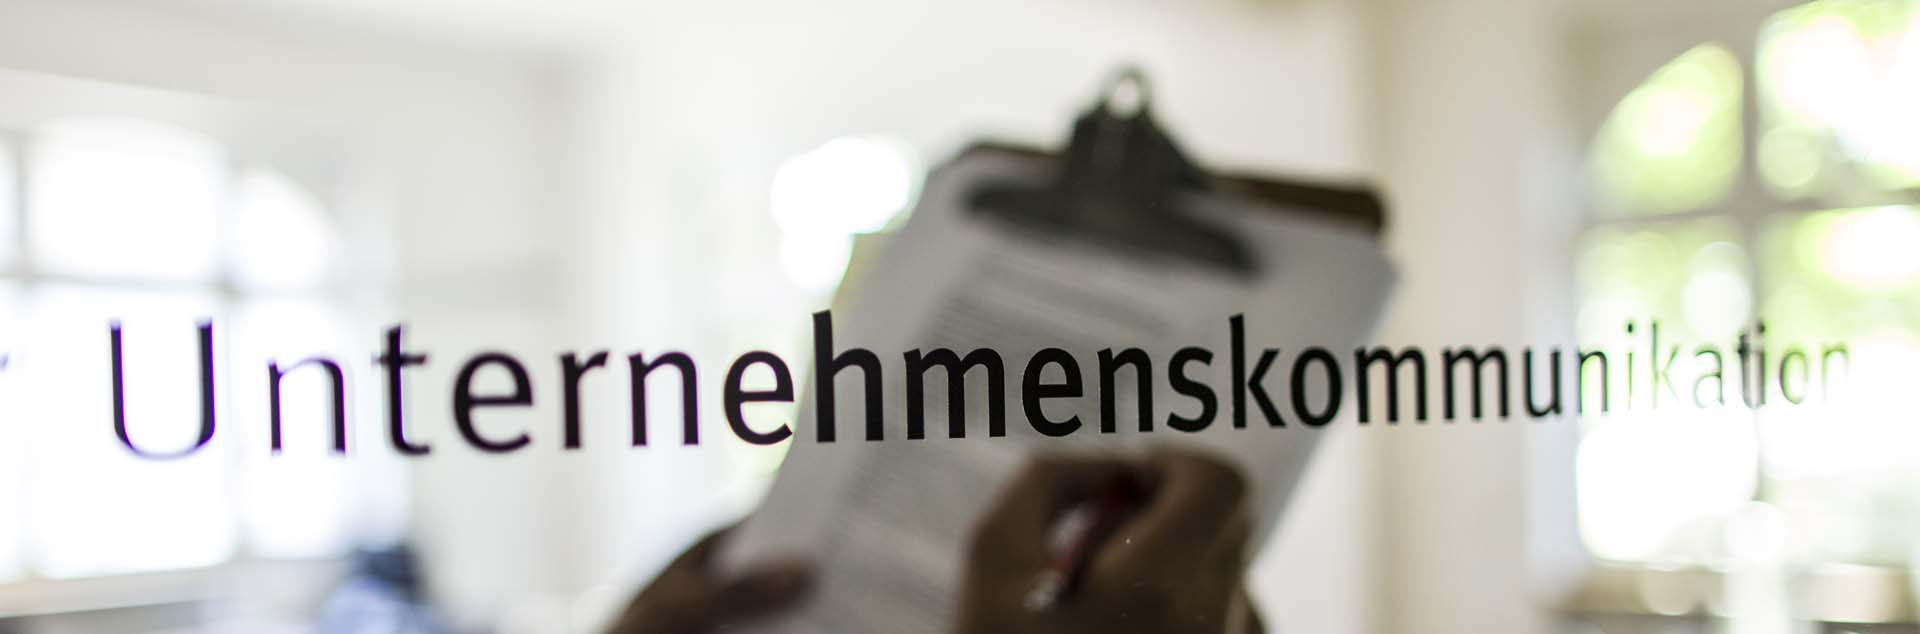 """Schriftzug """"Unternehmenskommunikation"""" auf einer Glastür"""